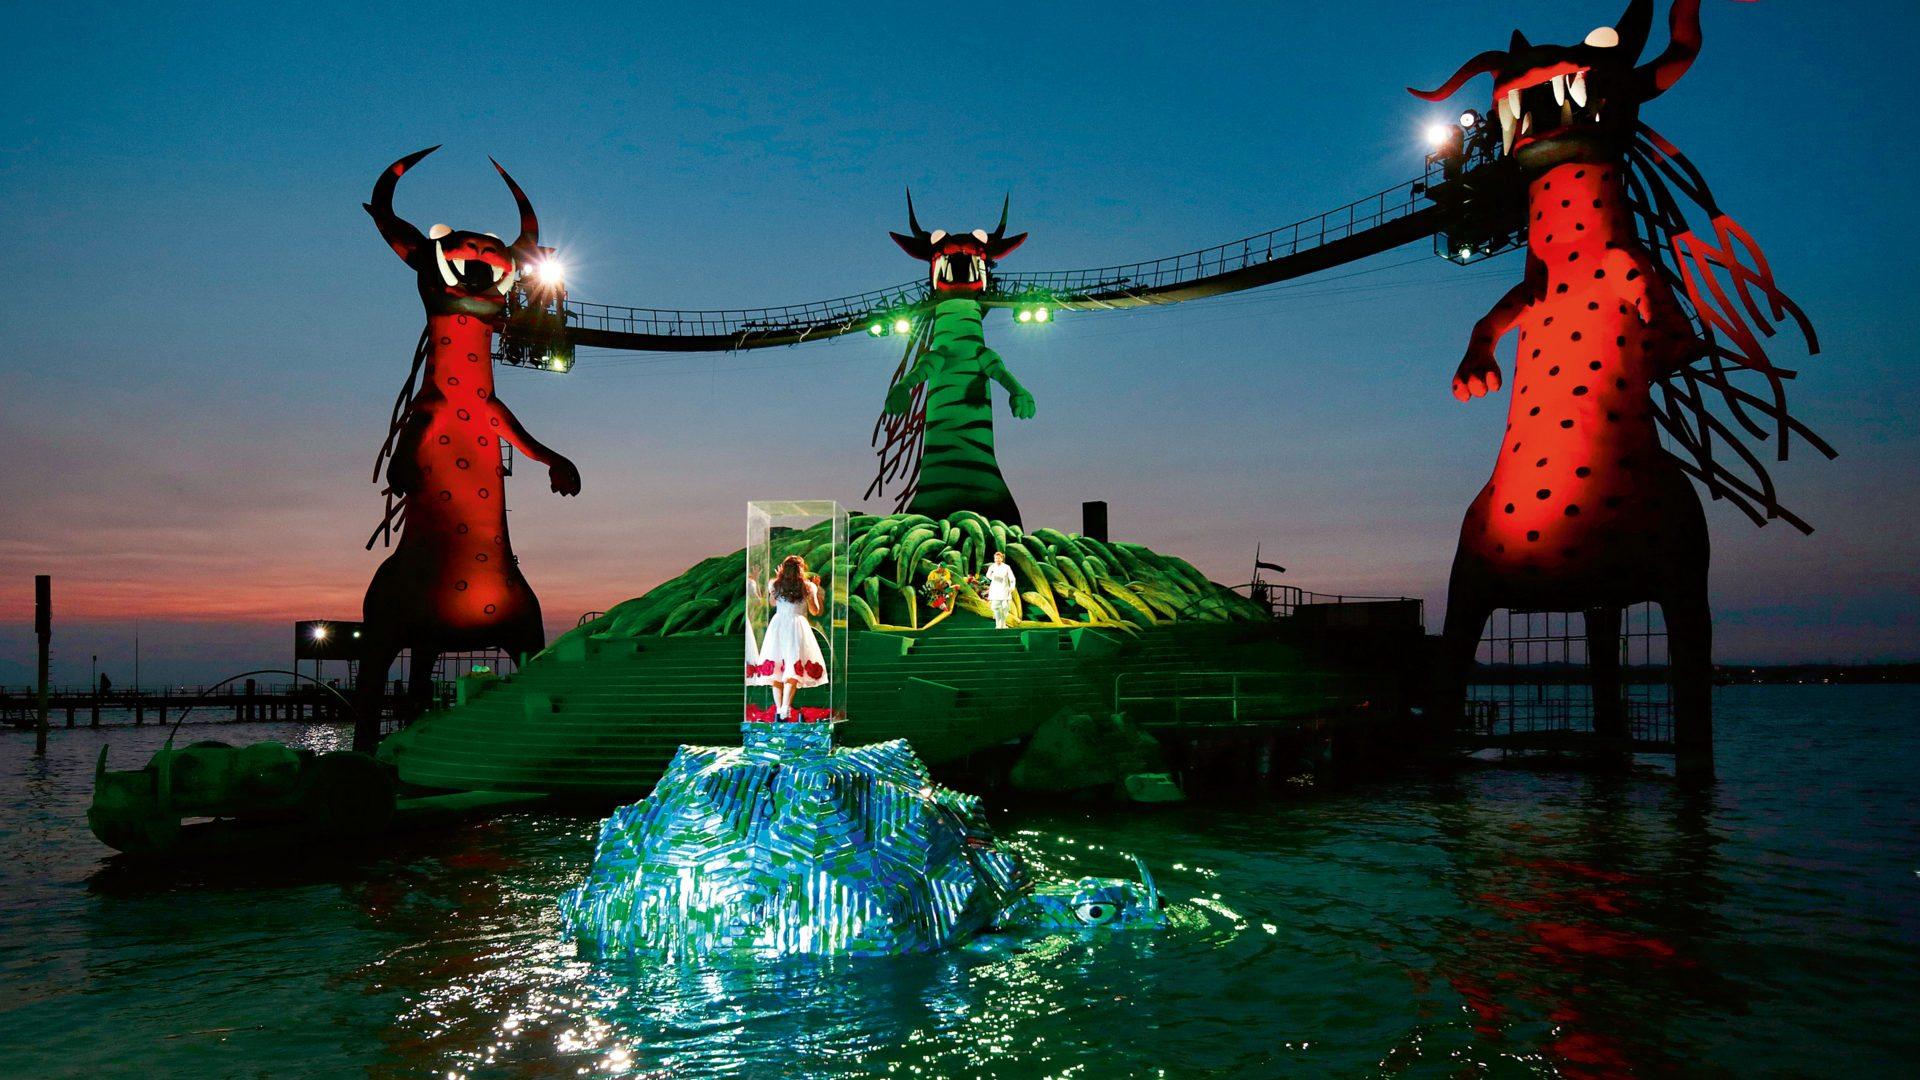 Zauberfloete-Seebuehne-(c)-Bregenzer-Festspiele-Anja-Koehler